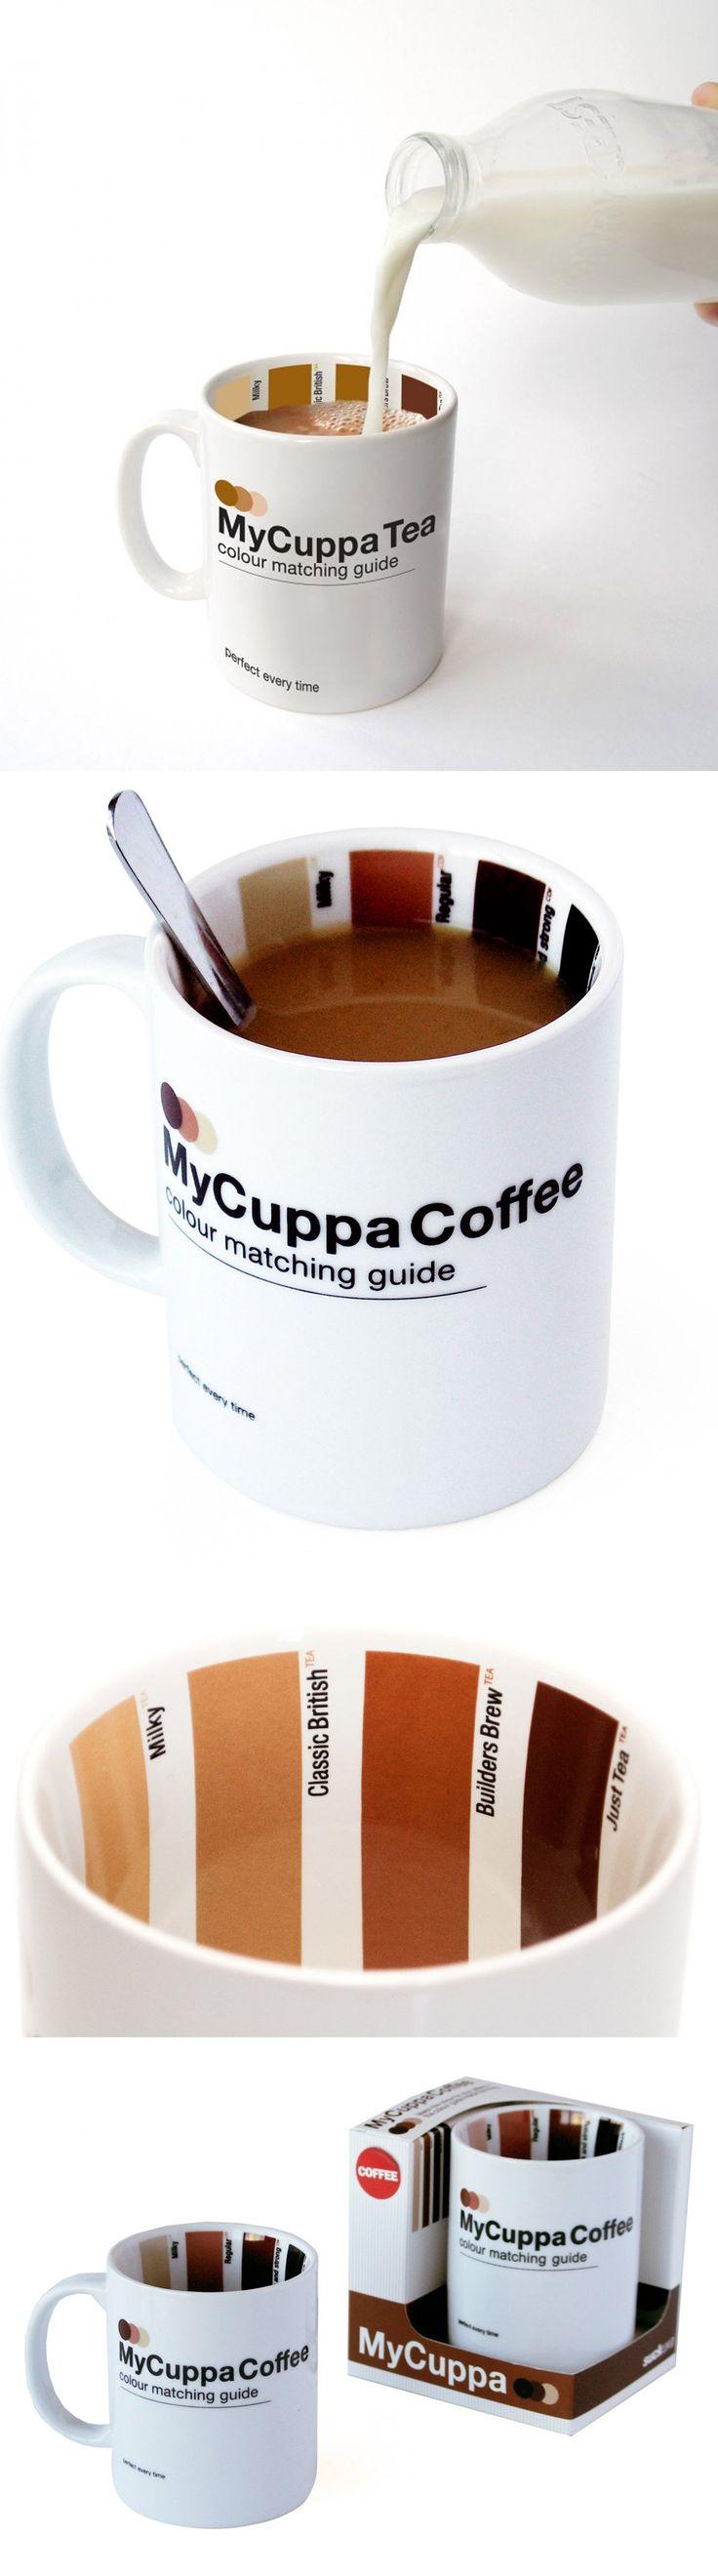 My Cuppa Coffee PD